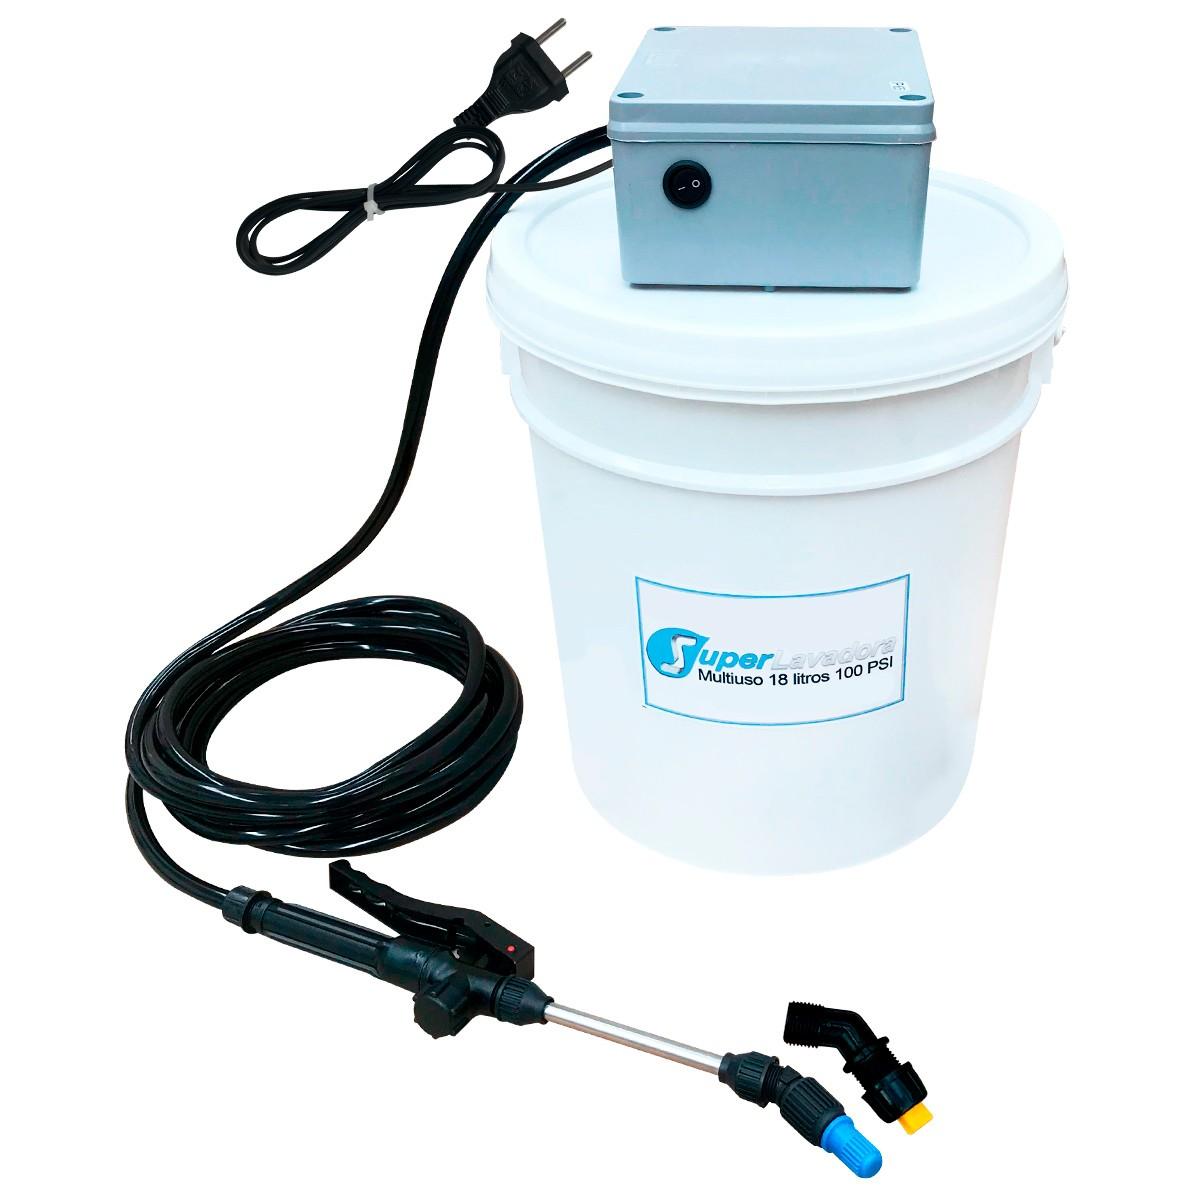 Lavadora Elétrica 18L 100PSI Carrinho + Bolsa Coletora até 12000 + Balde de Plástico com Tampa 18 Litros